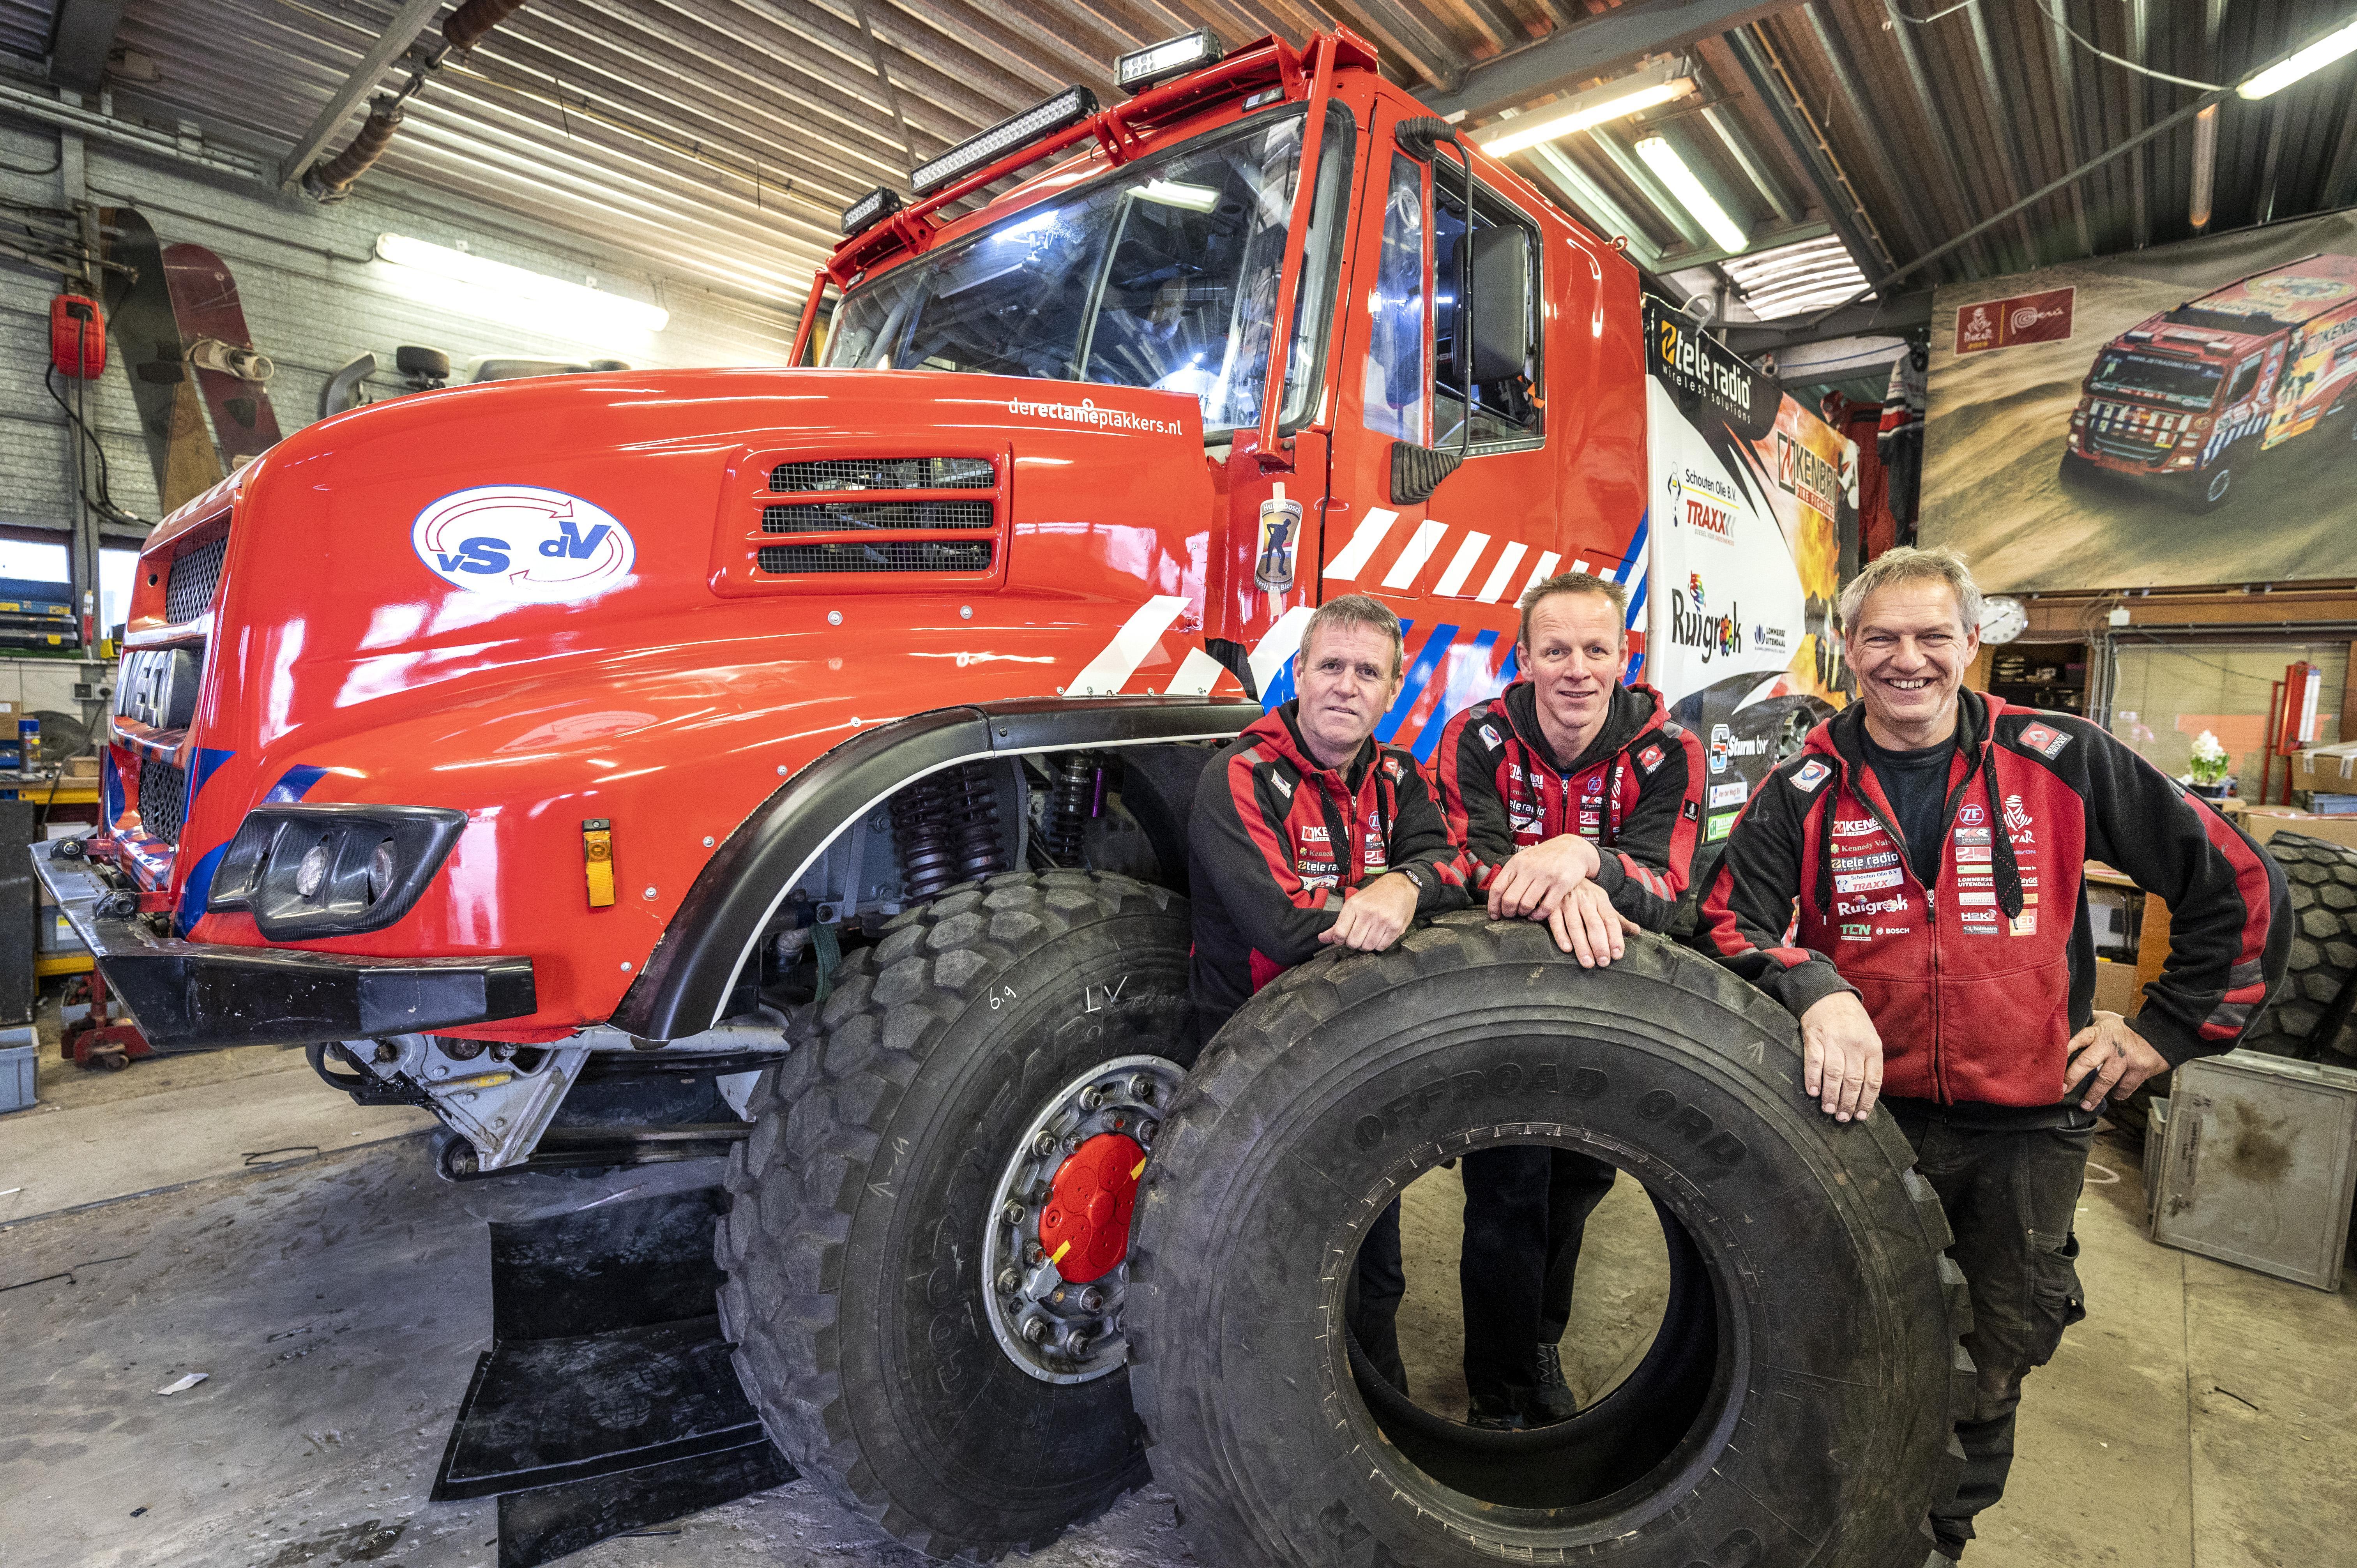 'Ik kan het nog steeds niet bevatten'. Mark Laan uit Venhuizen doet nu écht mee aan de slopende Dakar Rally door de woestijn, een 'dure hobby'